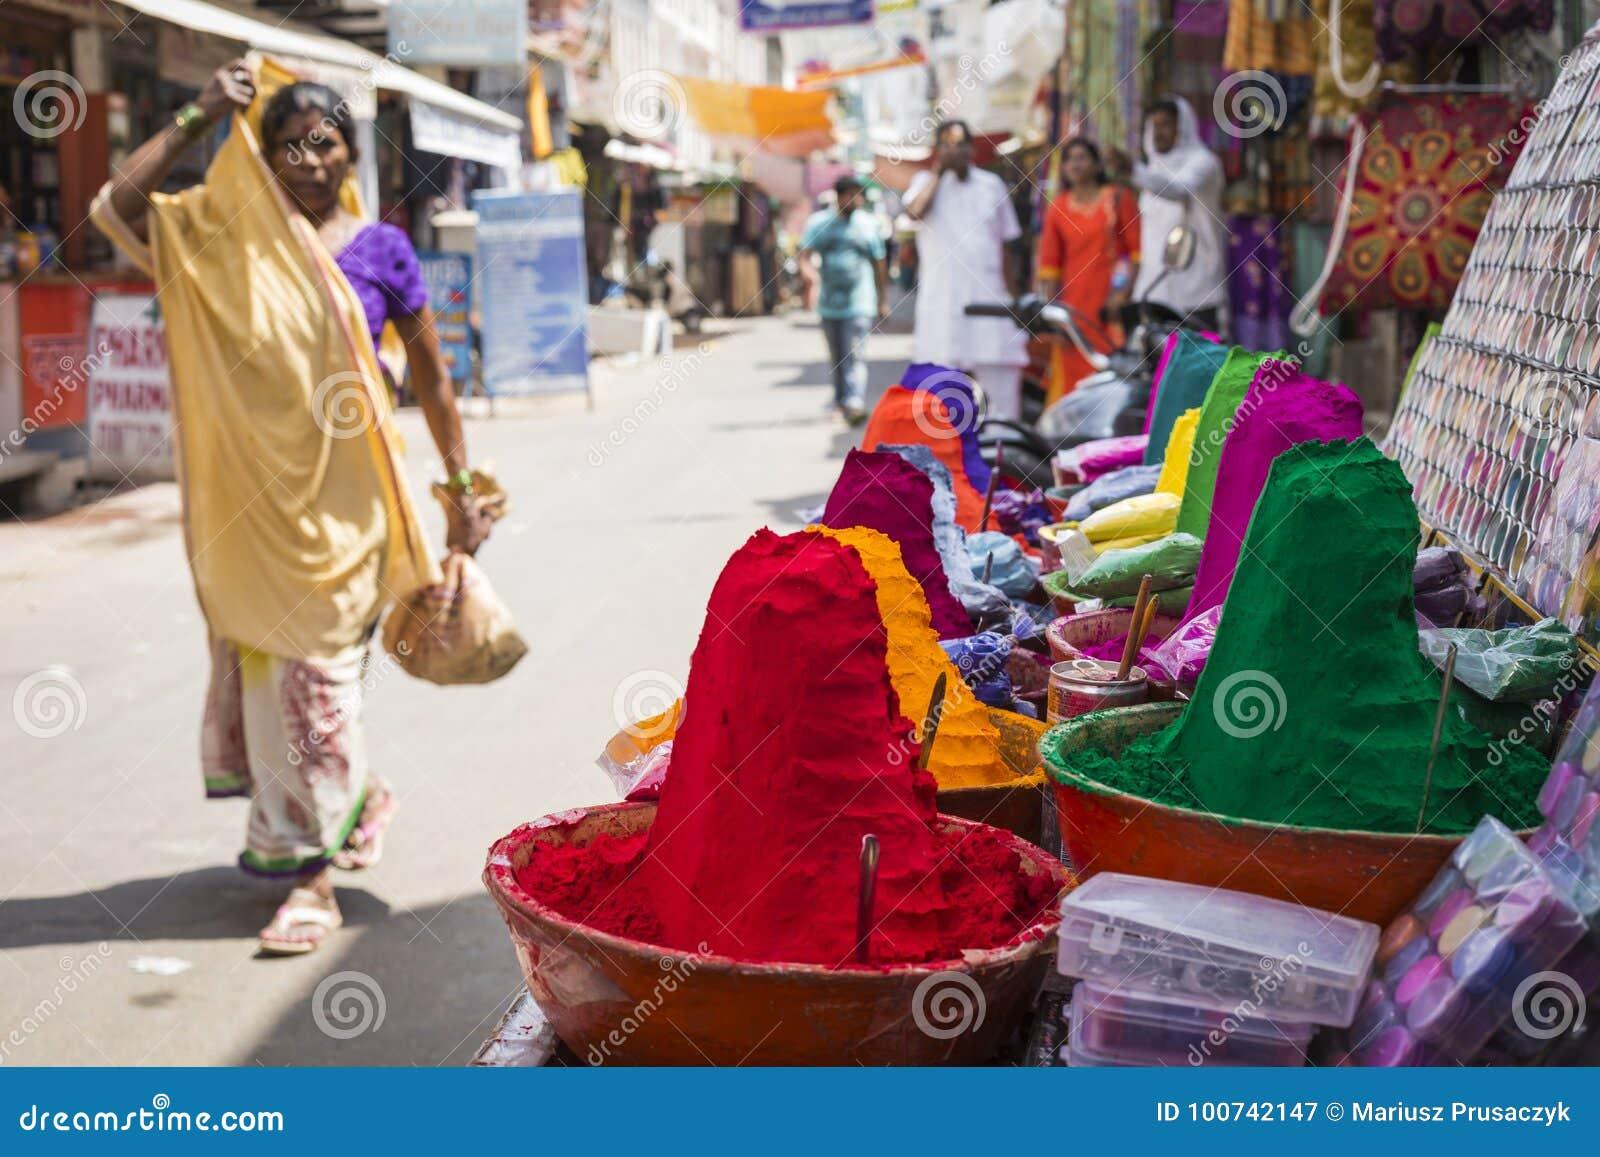 Pós coloridos do tika no mercado indiano, Índia, Ásia